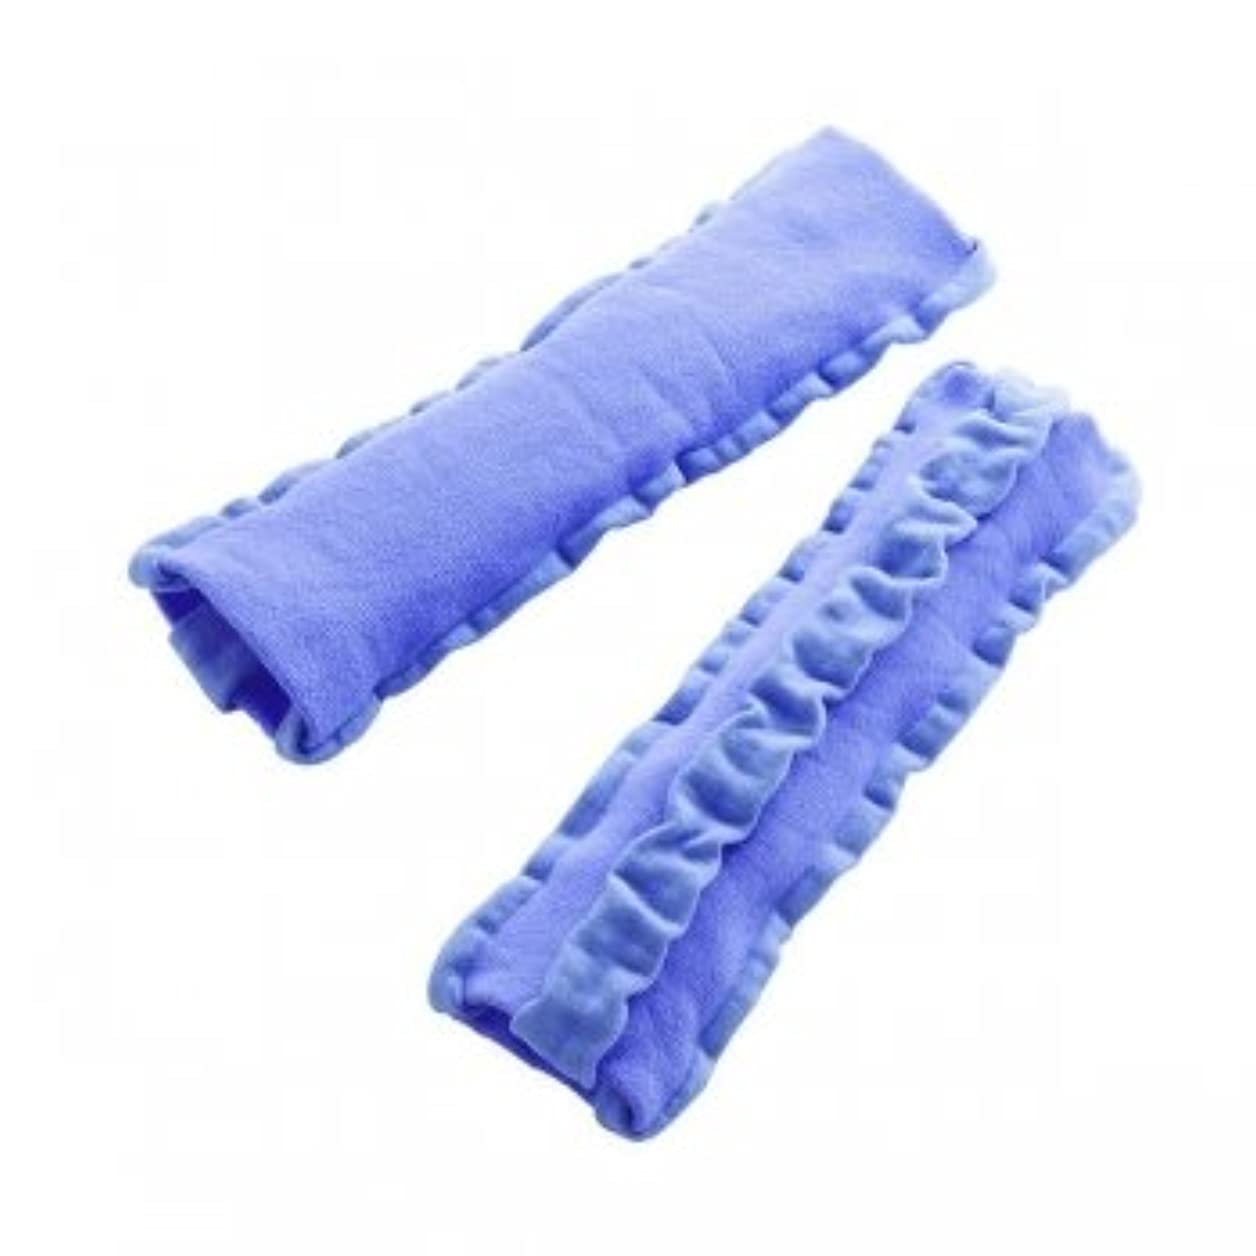 アセンブリ寸前ボイコットゴム糸を一切使わない特殊なベアー編みで作られた、ふくらはぎ用着圧サポーター。 3本の弱圧ラインと、その間にある強圧ラインとが組み合わさった強弱マッサージライン。 弱編みと強編みの組み合わせが、手もみマッサージをされている...